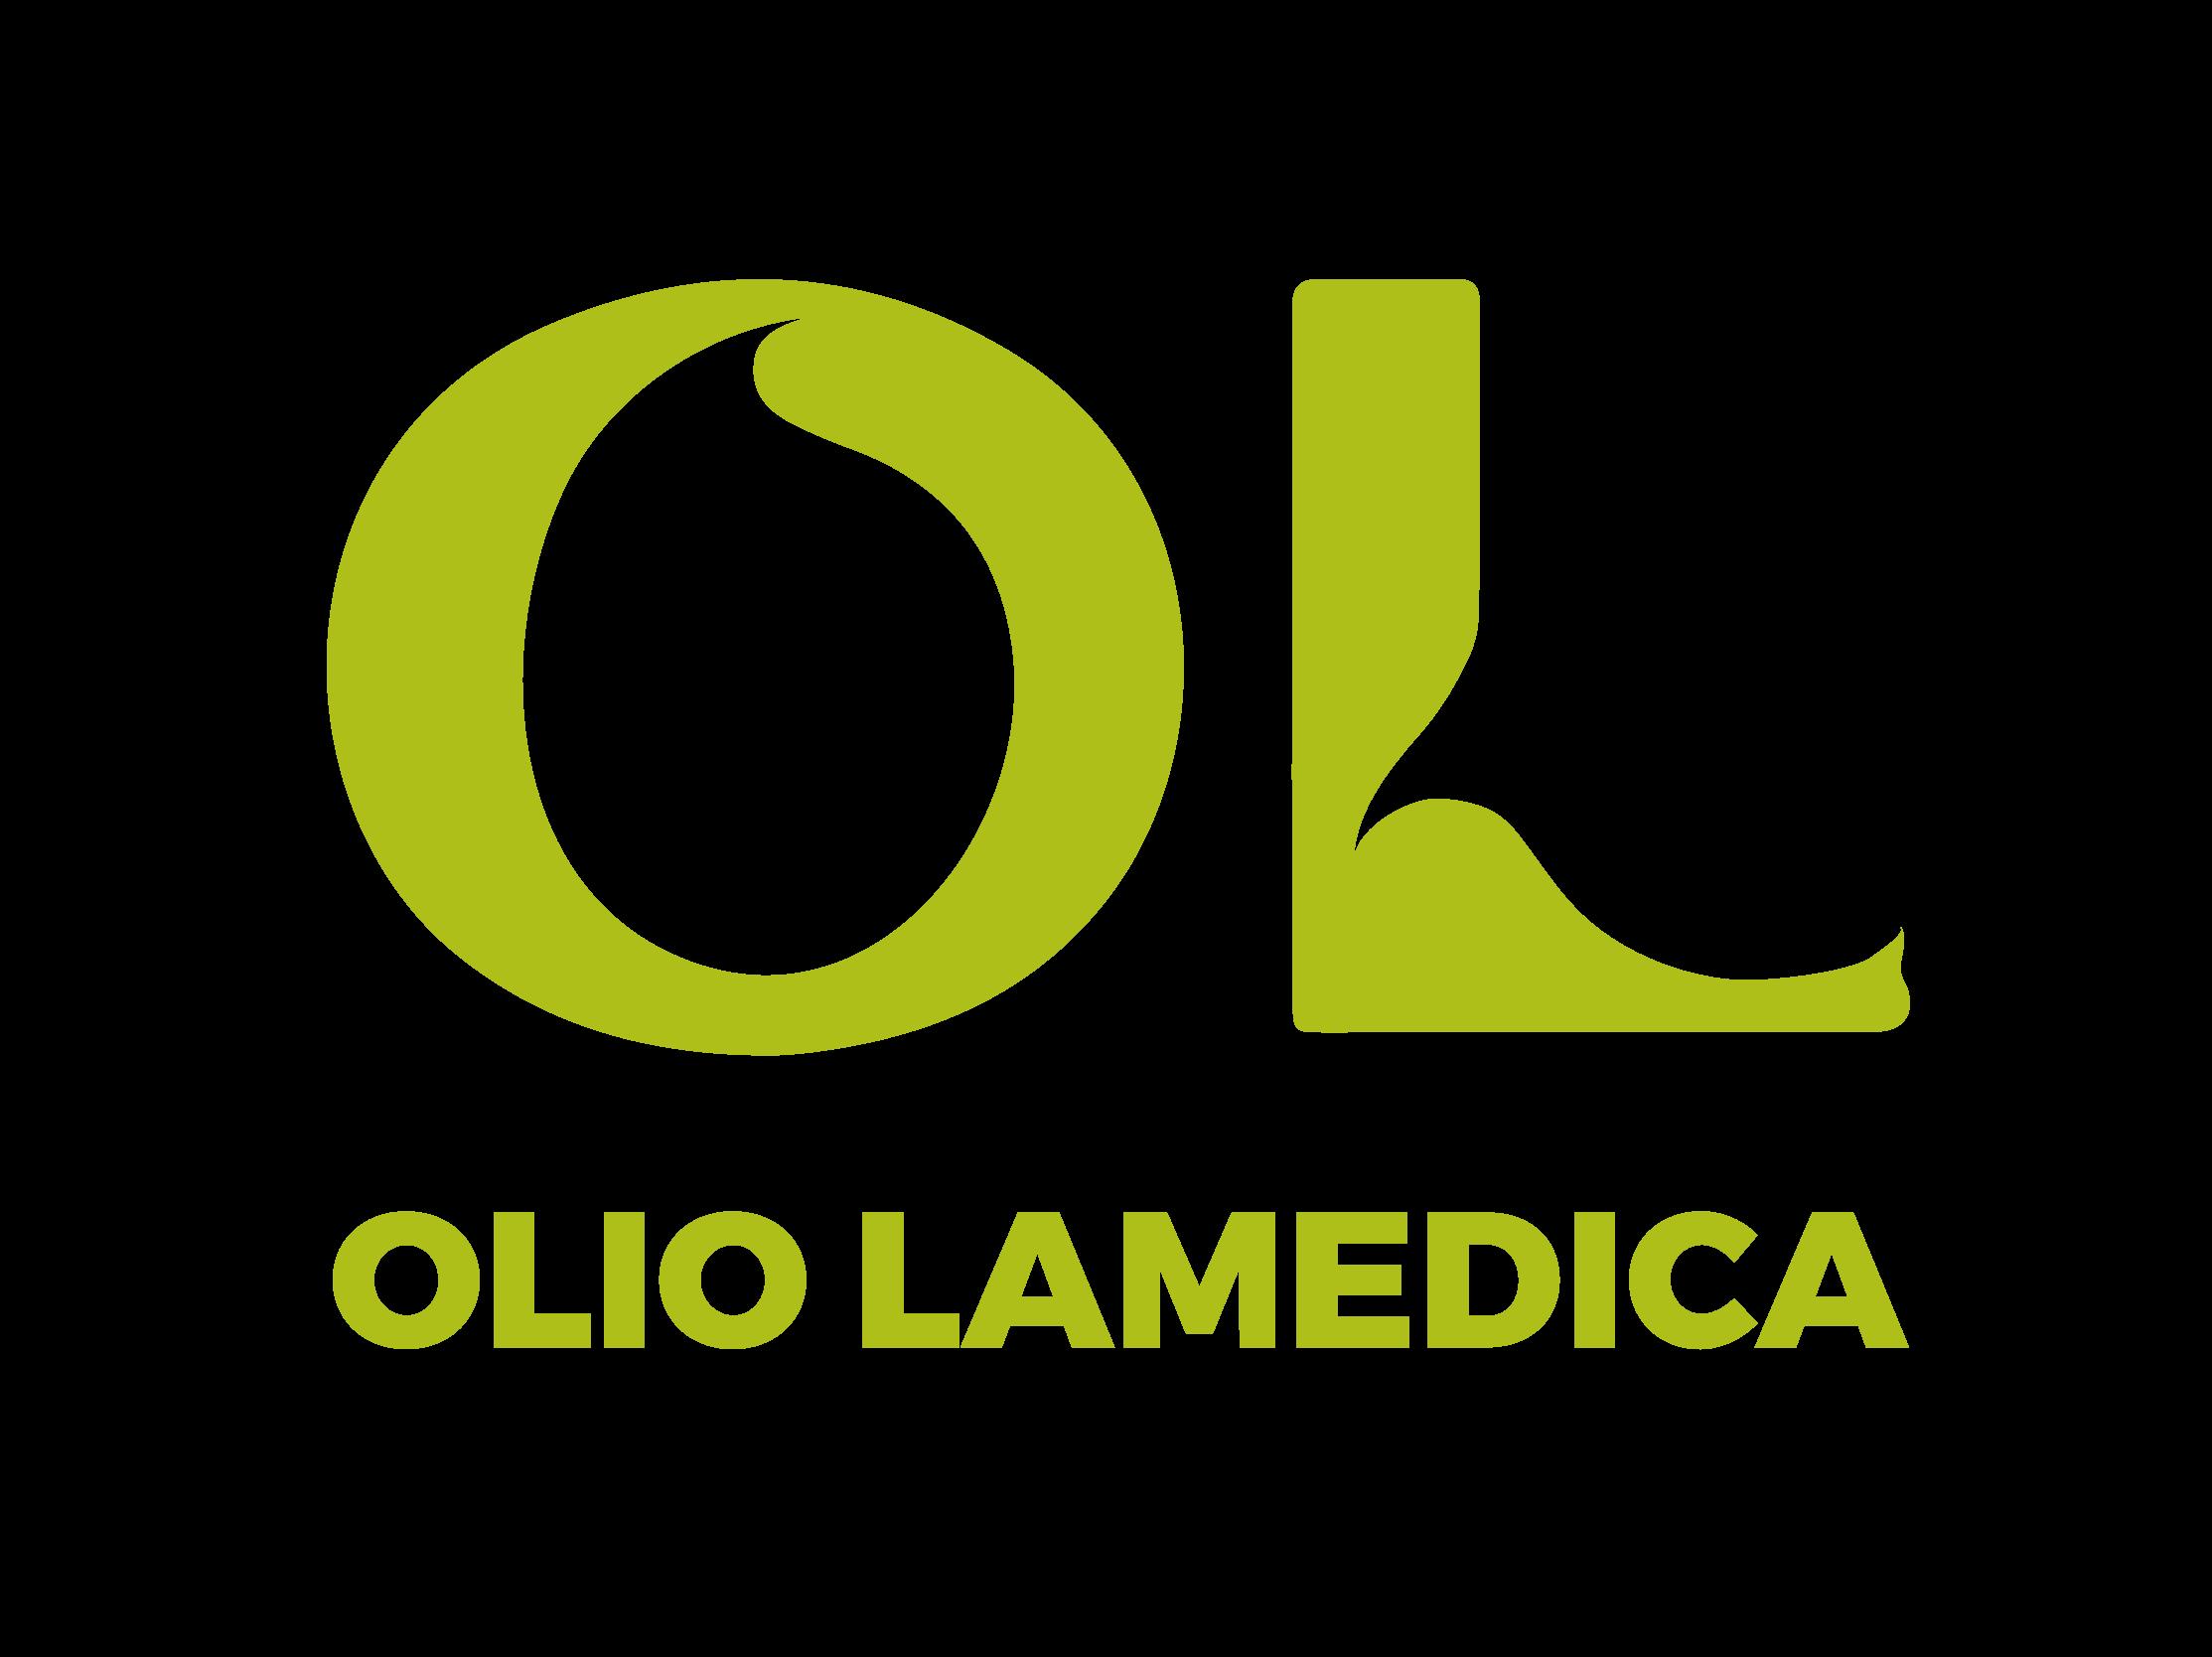 Olio Lamedica